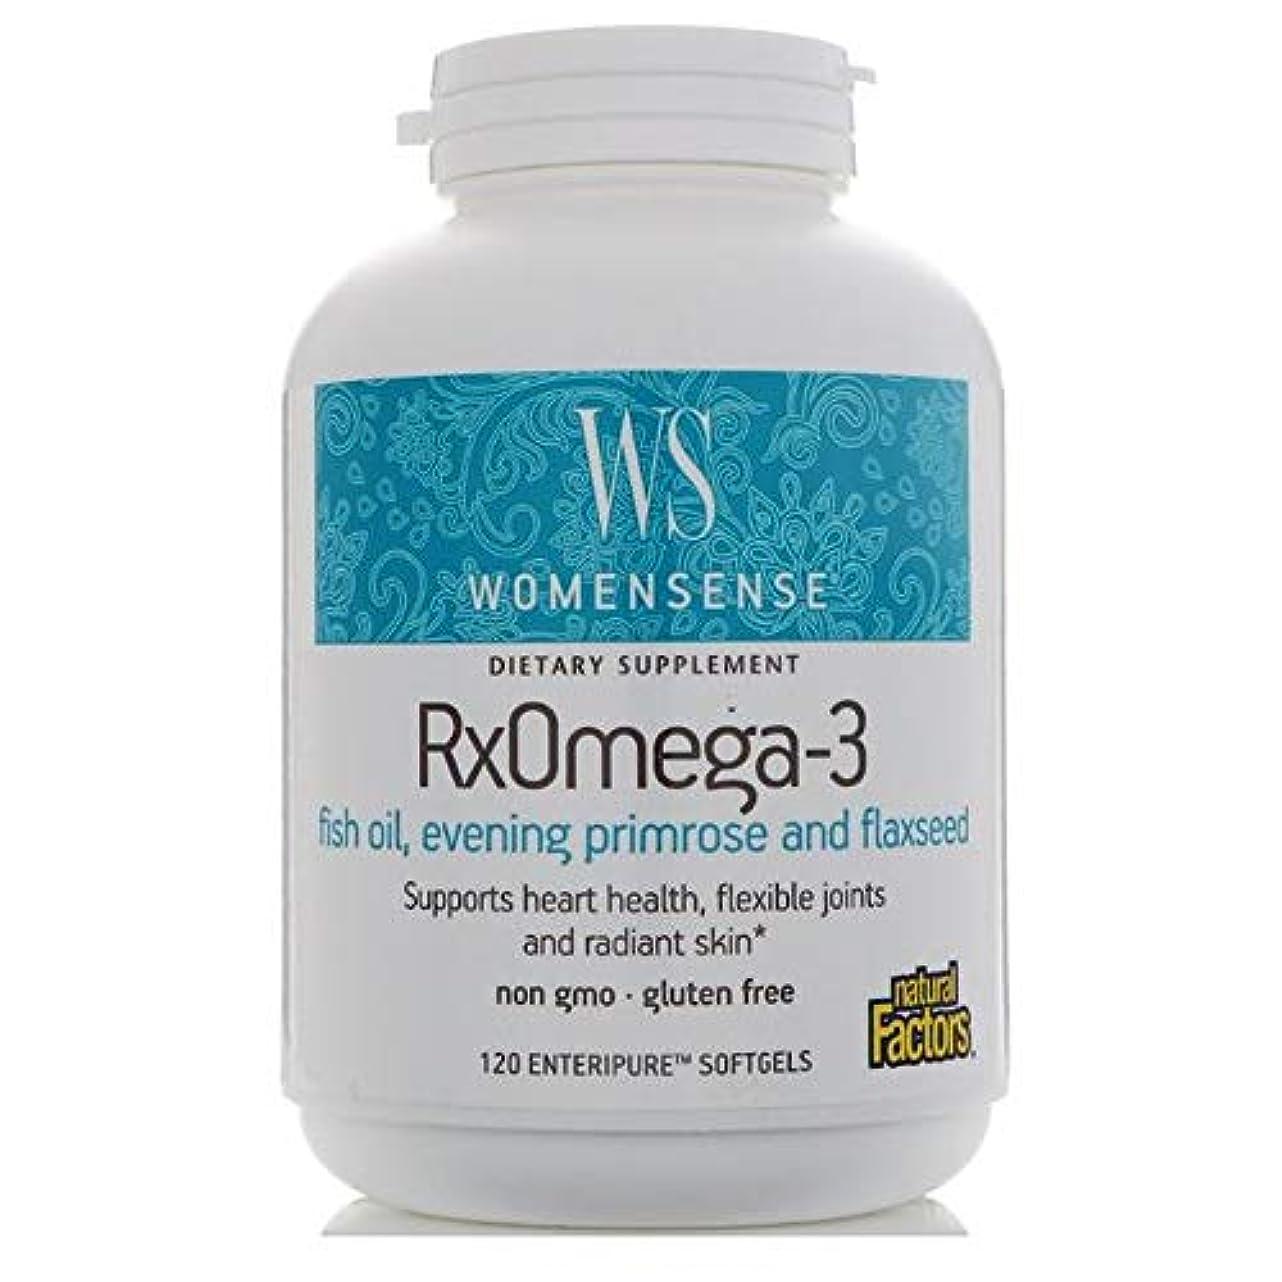 外向きレシピノーブルNatural Factors Women Sense Rx オメガ 3 120 Enteripure ソフトジ ェル 【アメリカ直送】